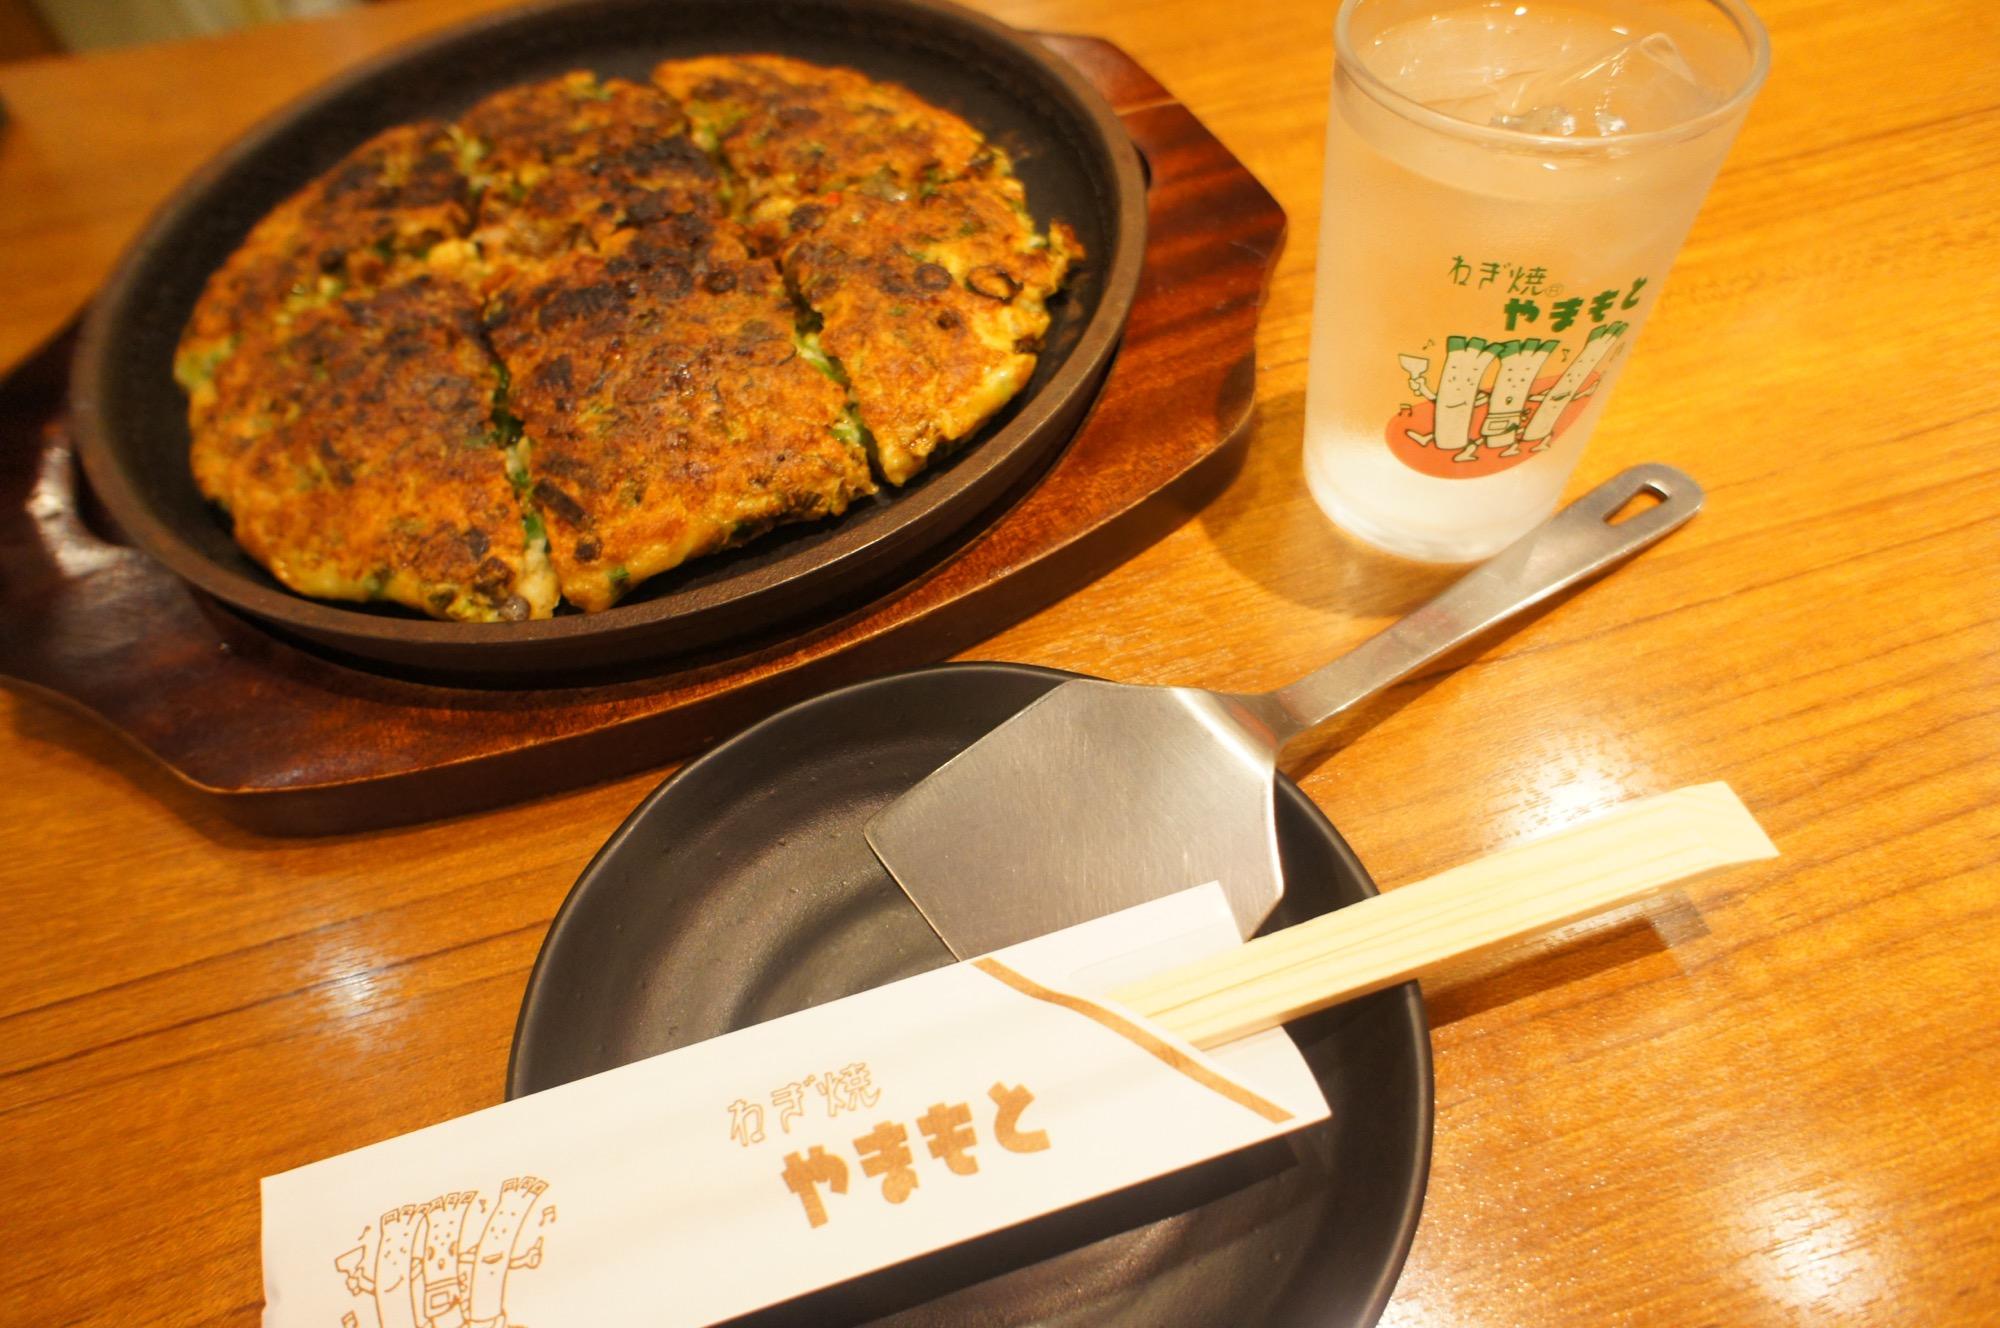 《ご当地MORE✩大阪》必ず食べたい関西グルメ❤️【やまもと】のねぎ焼が絶品☻!_1